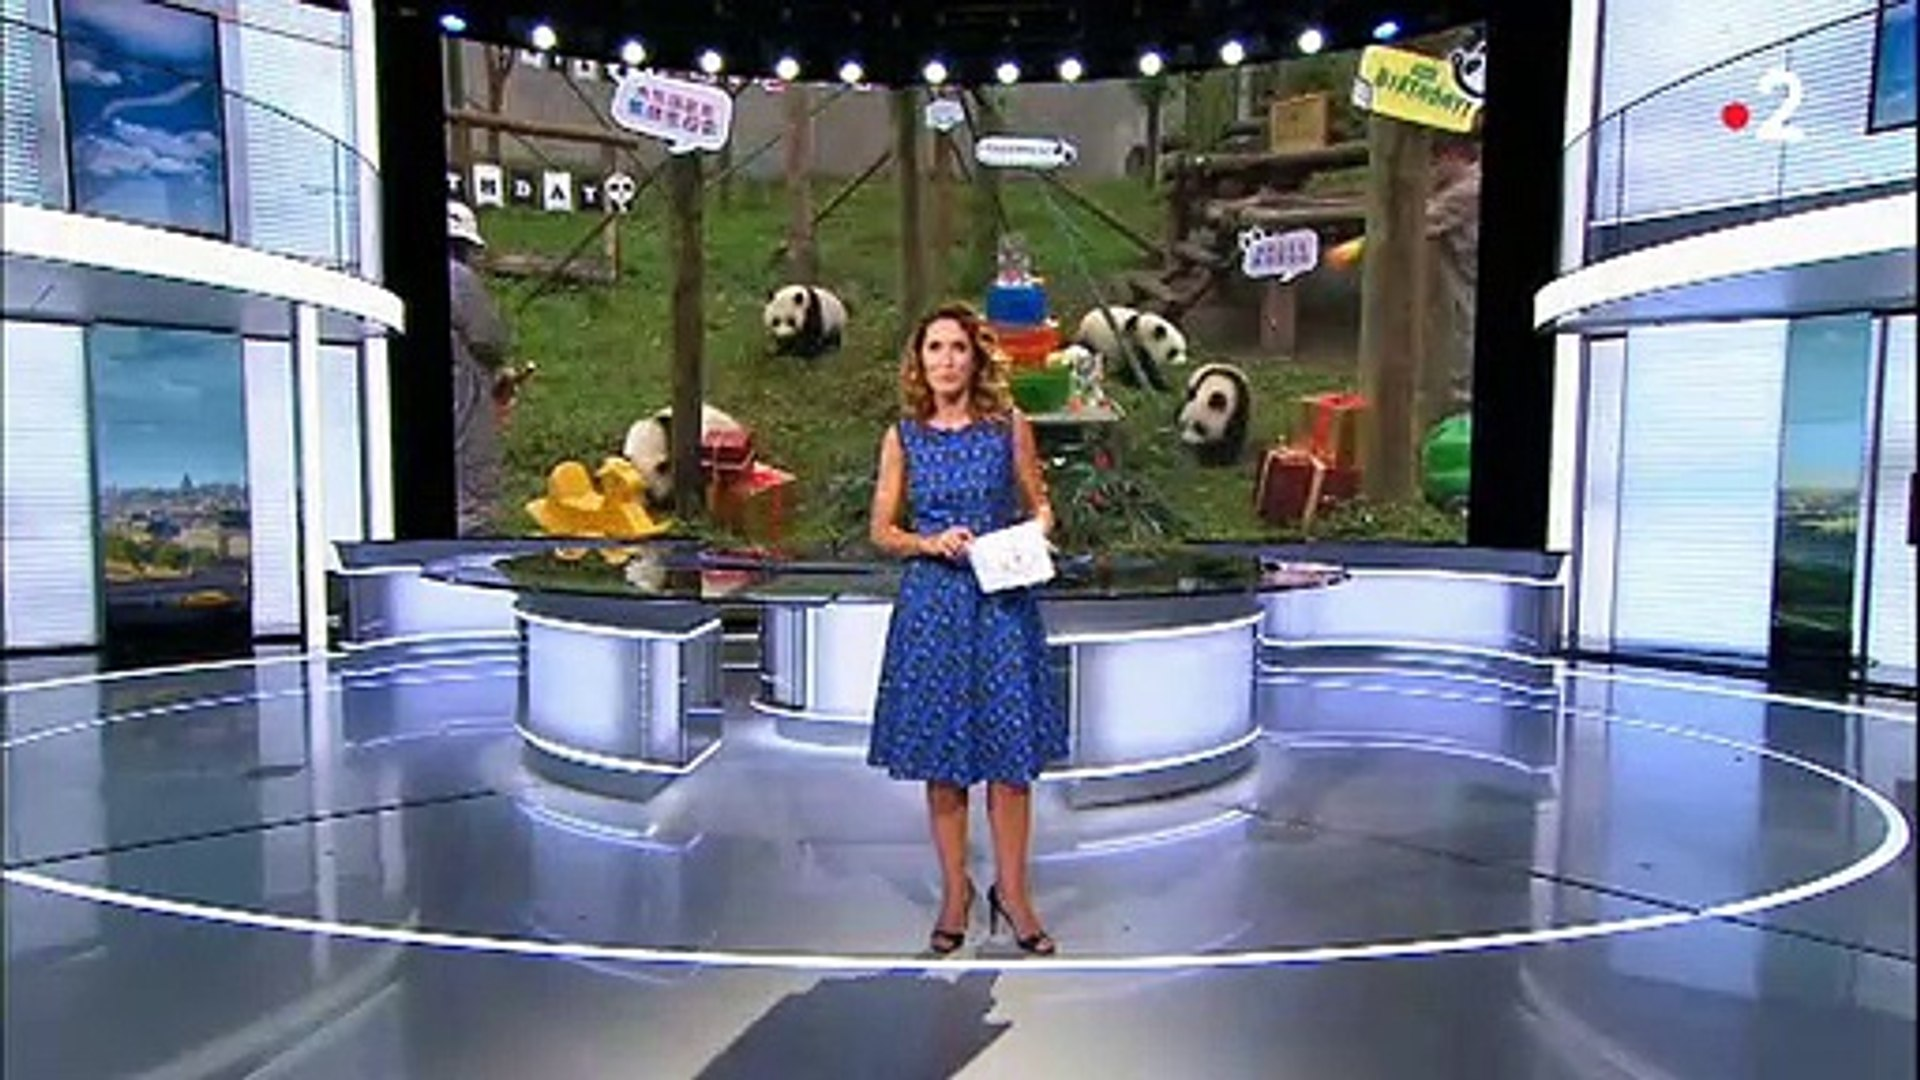 Regardez Le Dernier Journal De 13h Sur France 2 De Marie Sophie Lacarrau Avant Son Arrivee Sur Tf1 Pour Remplacer Jean Pierre Pernaut Video Dailymotion